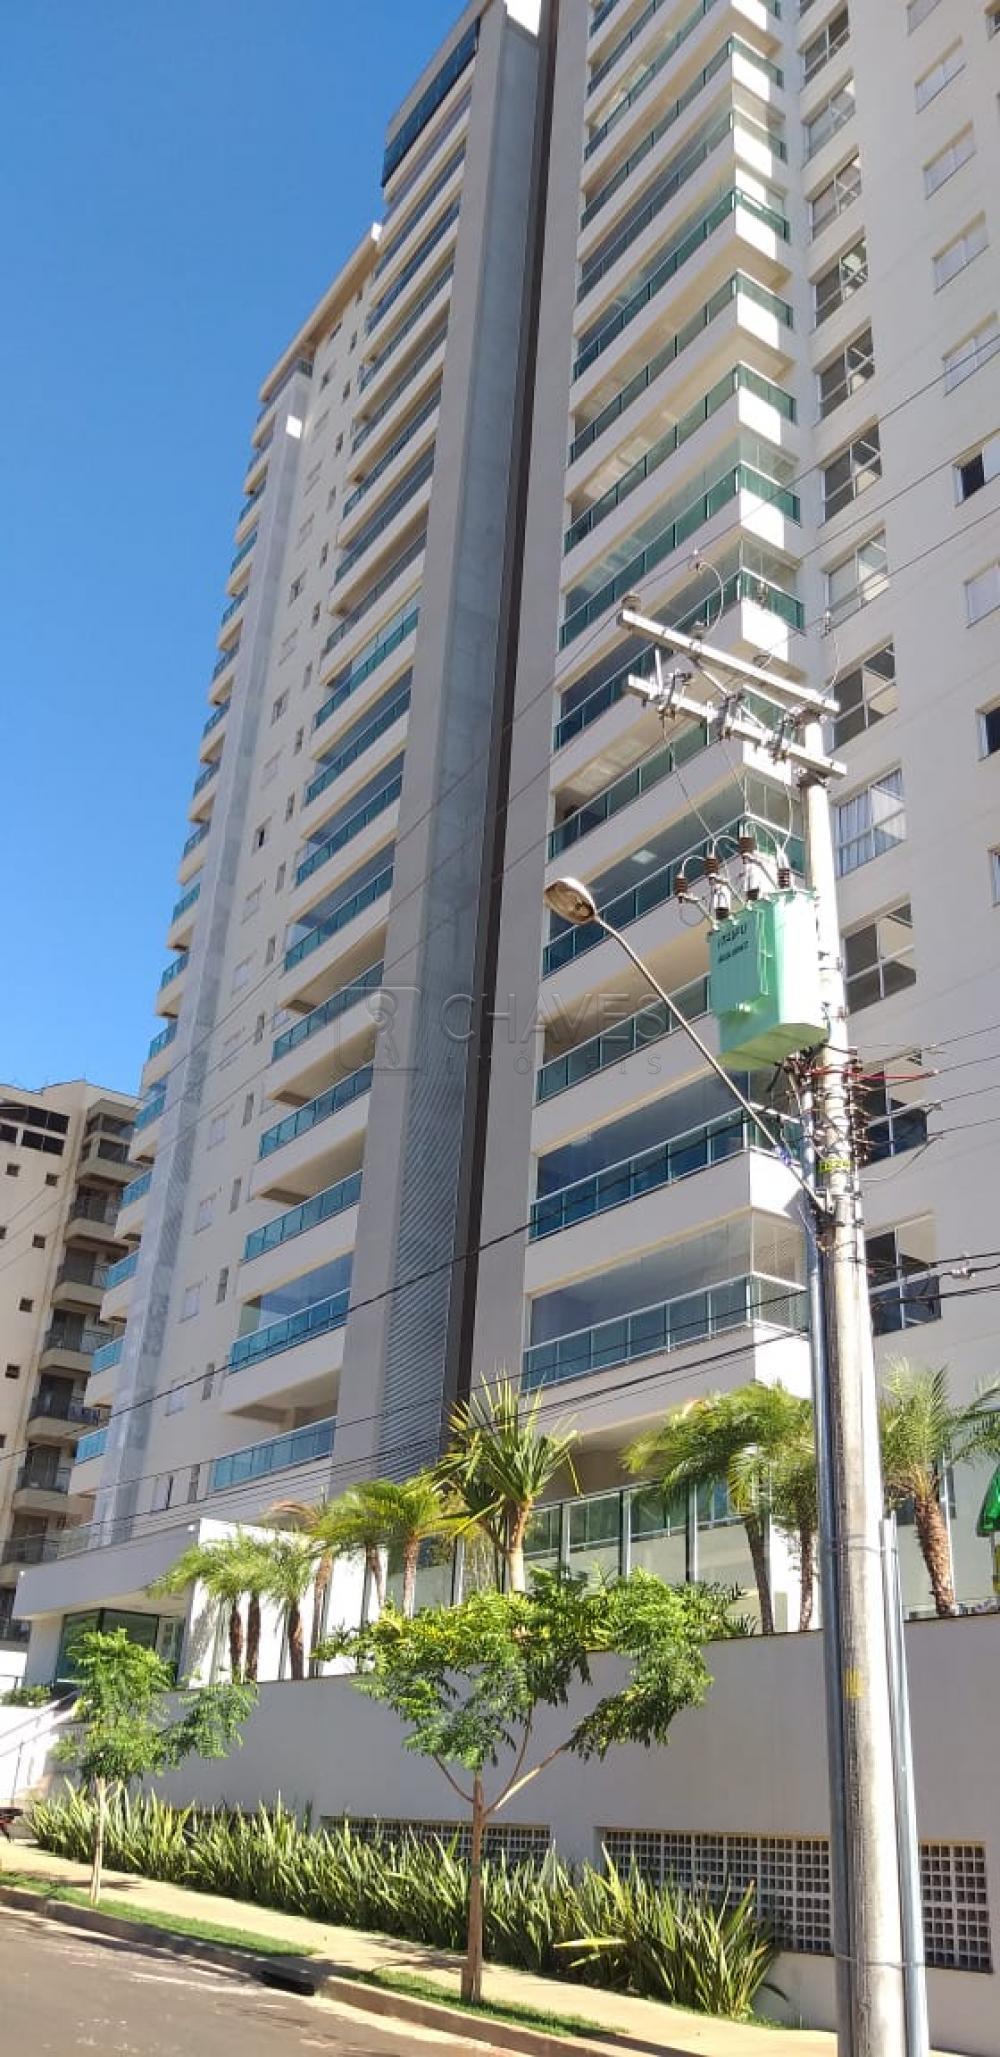 Comprar Apartamento / Cobertura em Ribeirão Preto R$ 1.319.000,00 - Foto 2